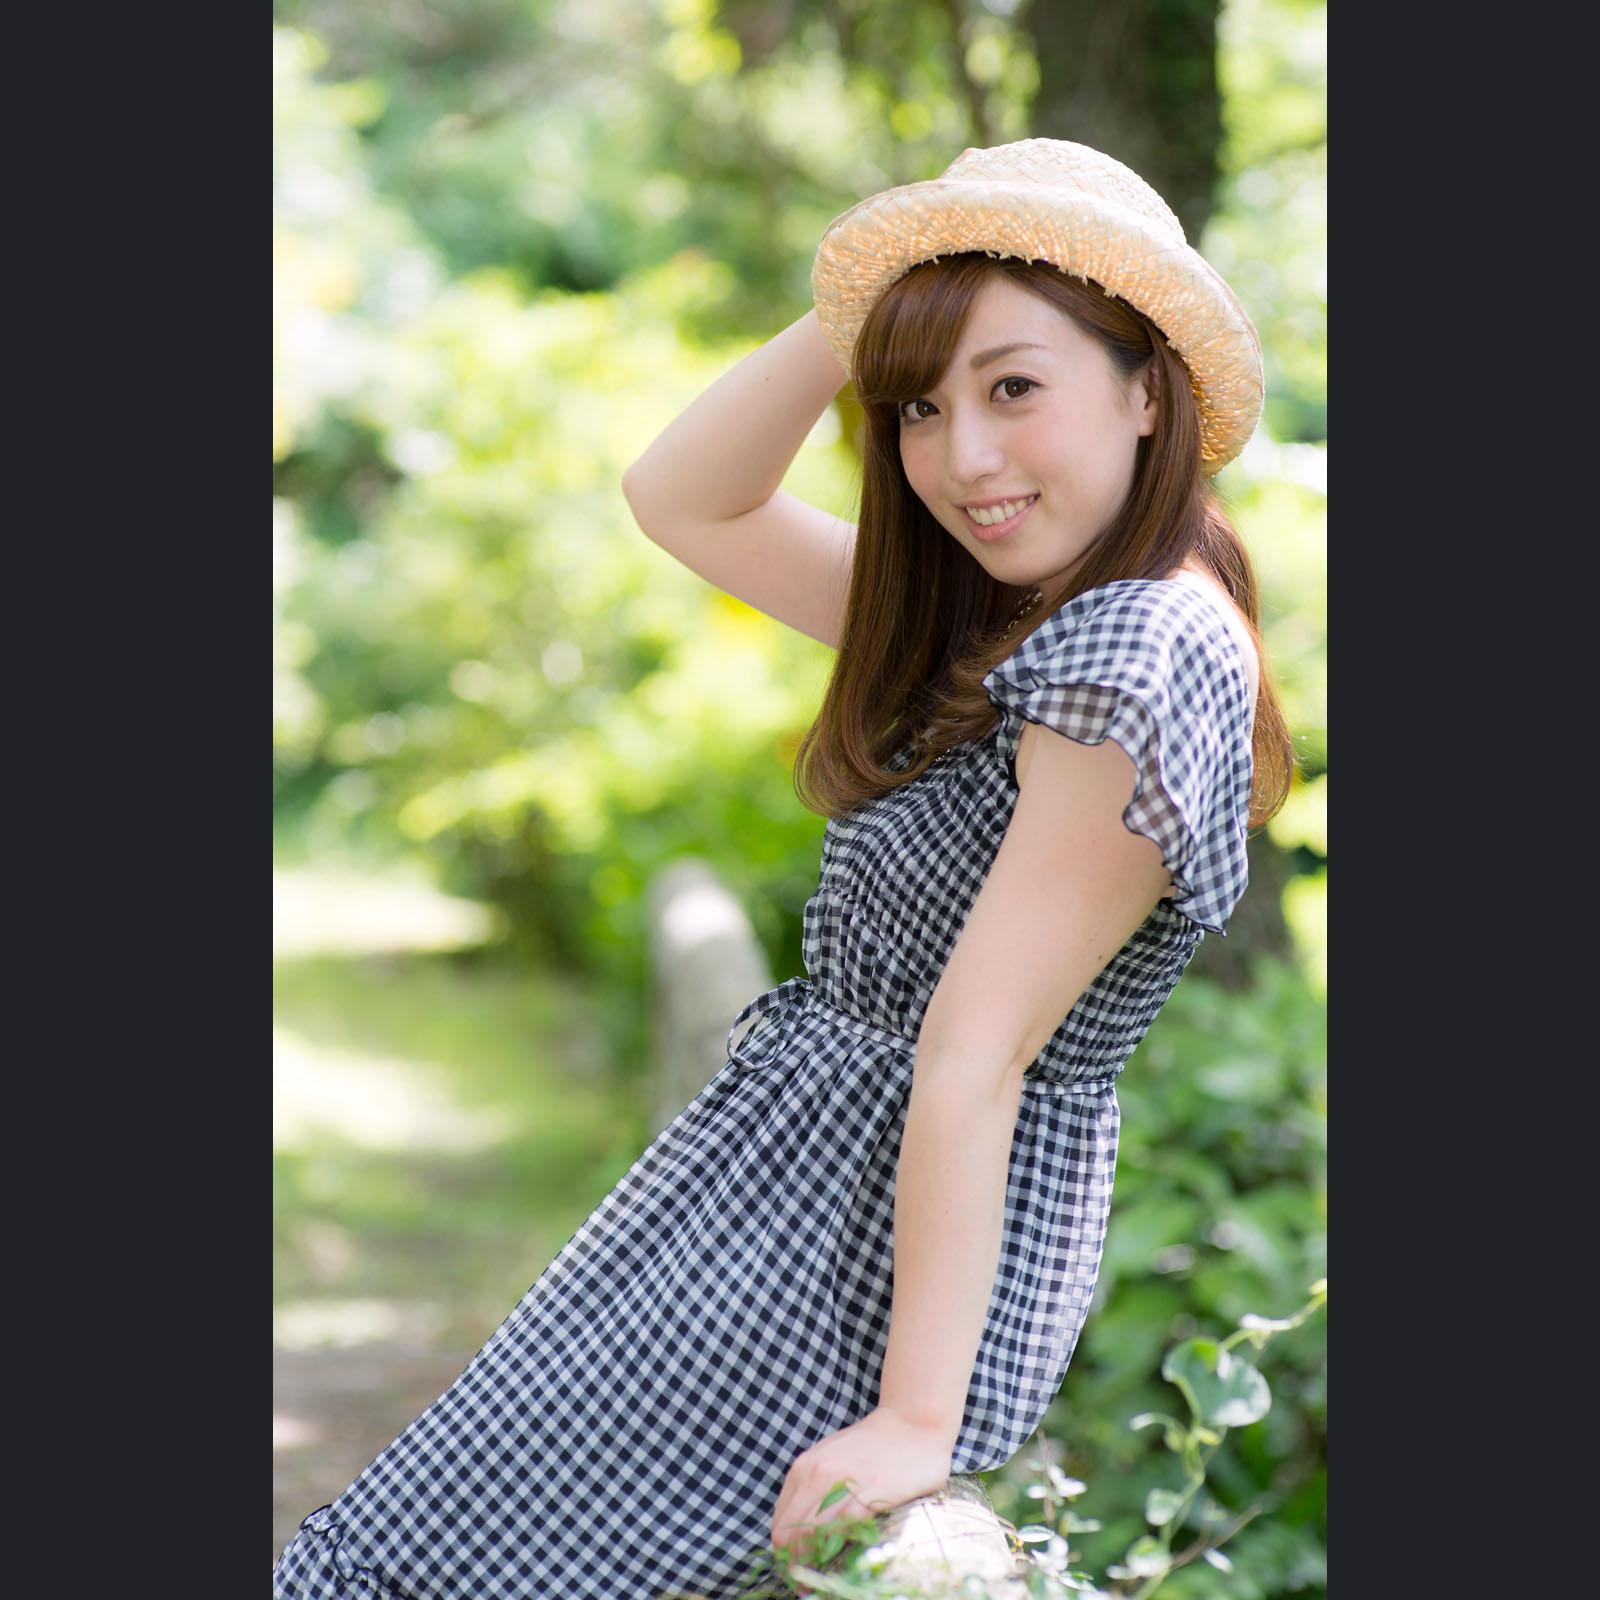 f0269385_9252538.jpg